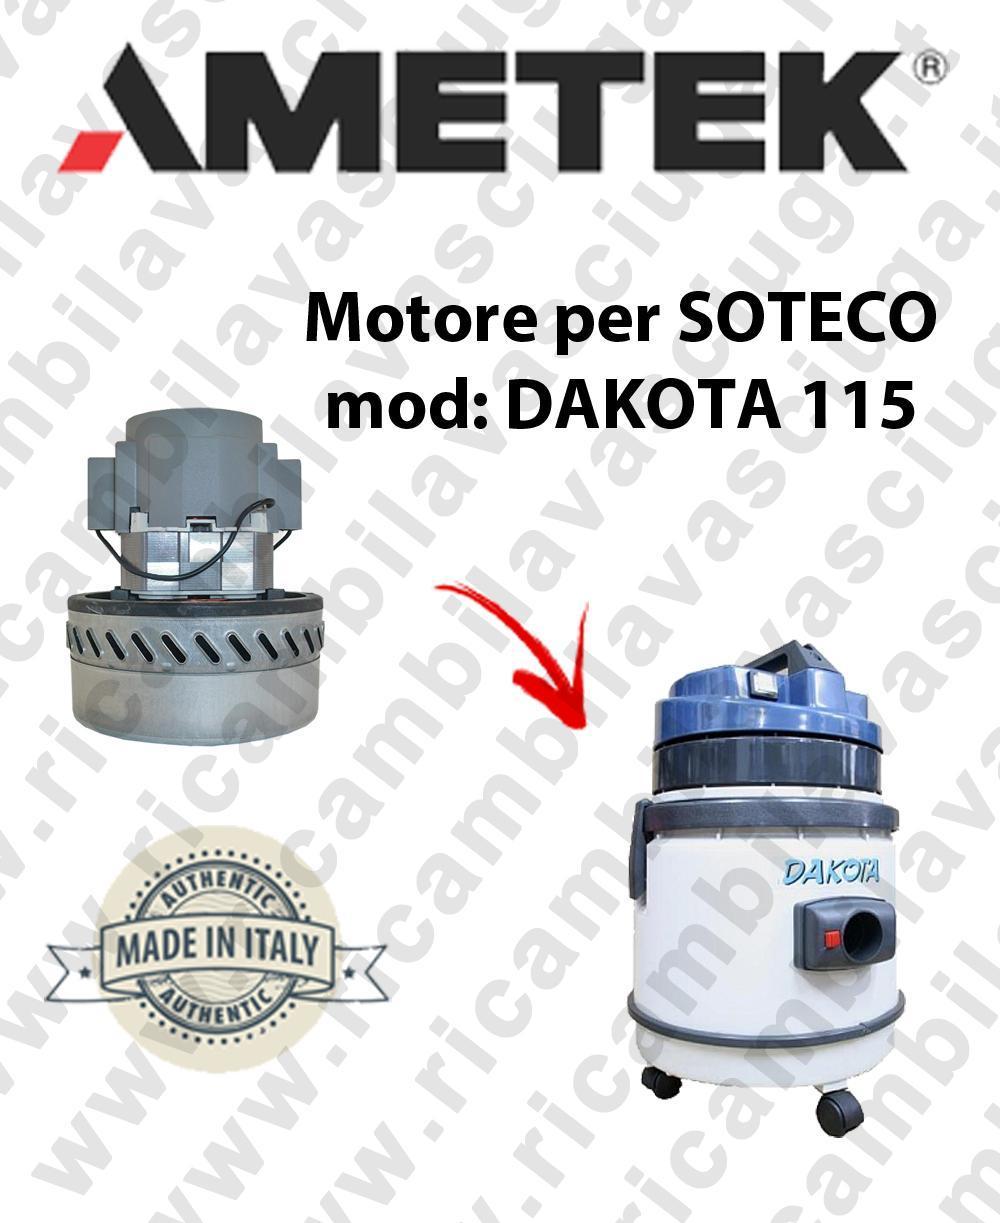 DAKOTA 115 Ametek Vacuum Motor for vacuum cleaner SOTECO